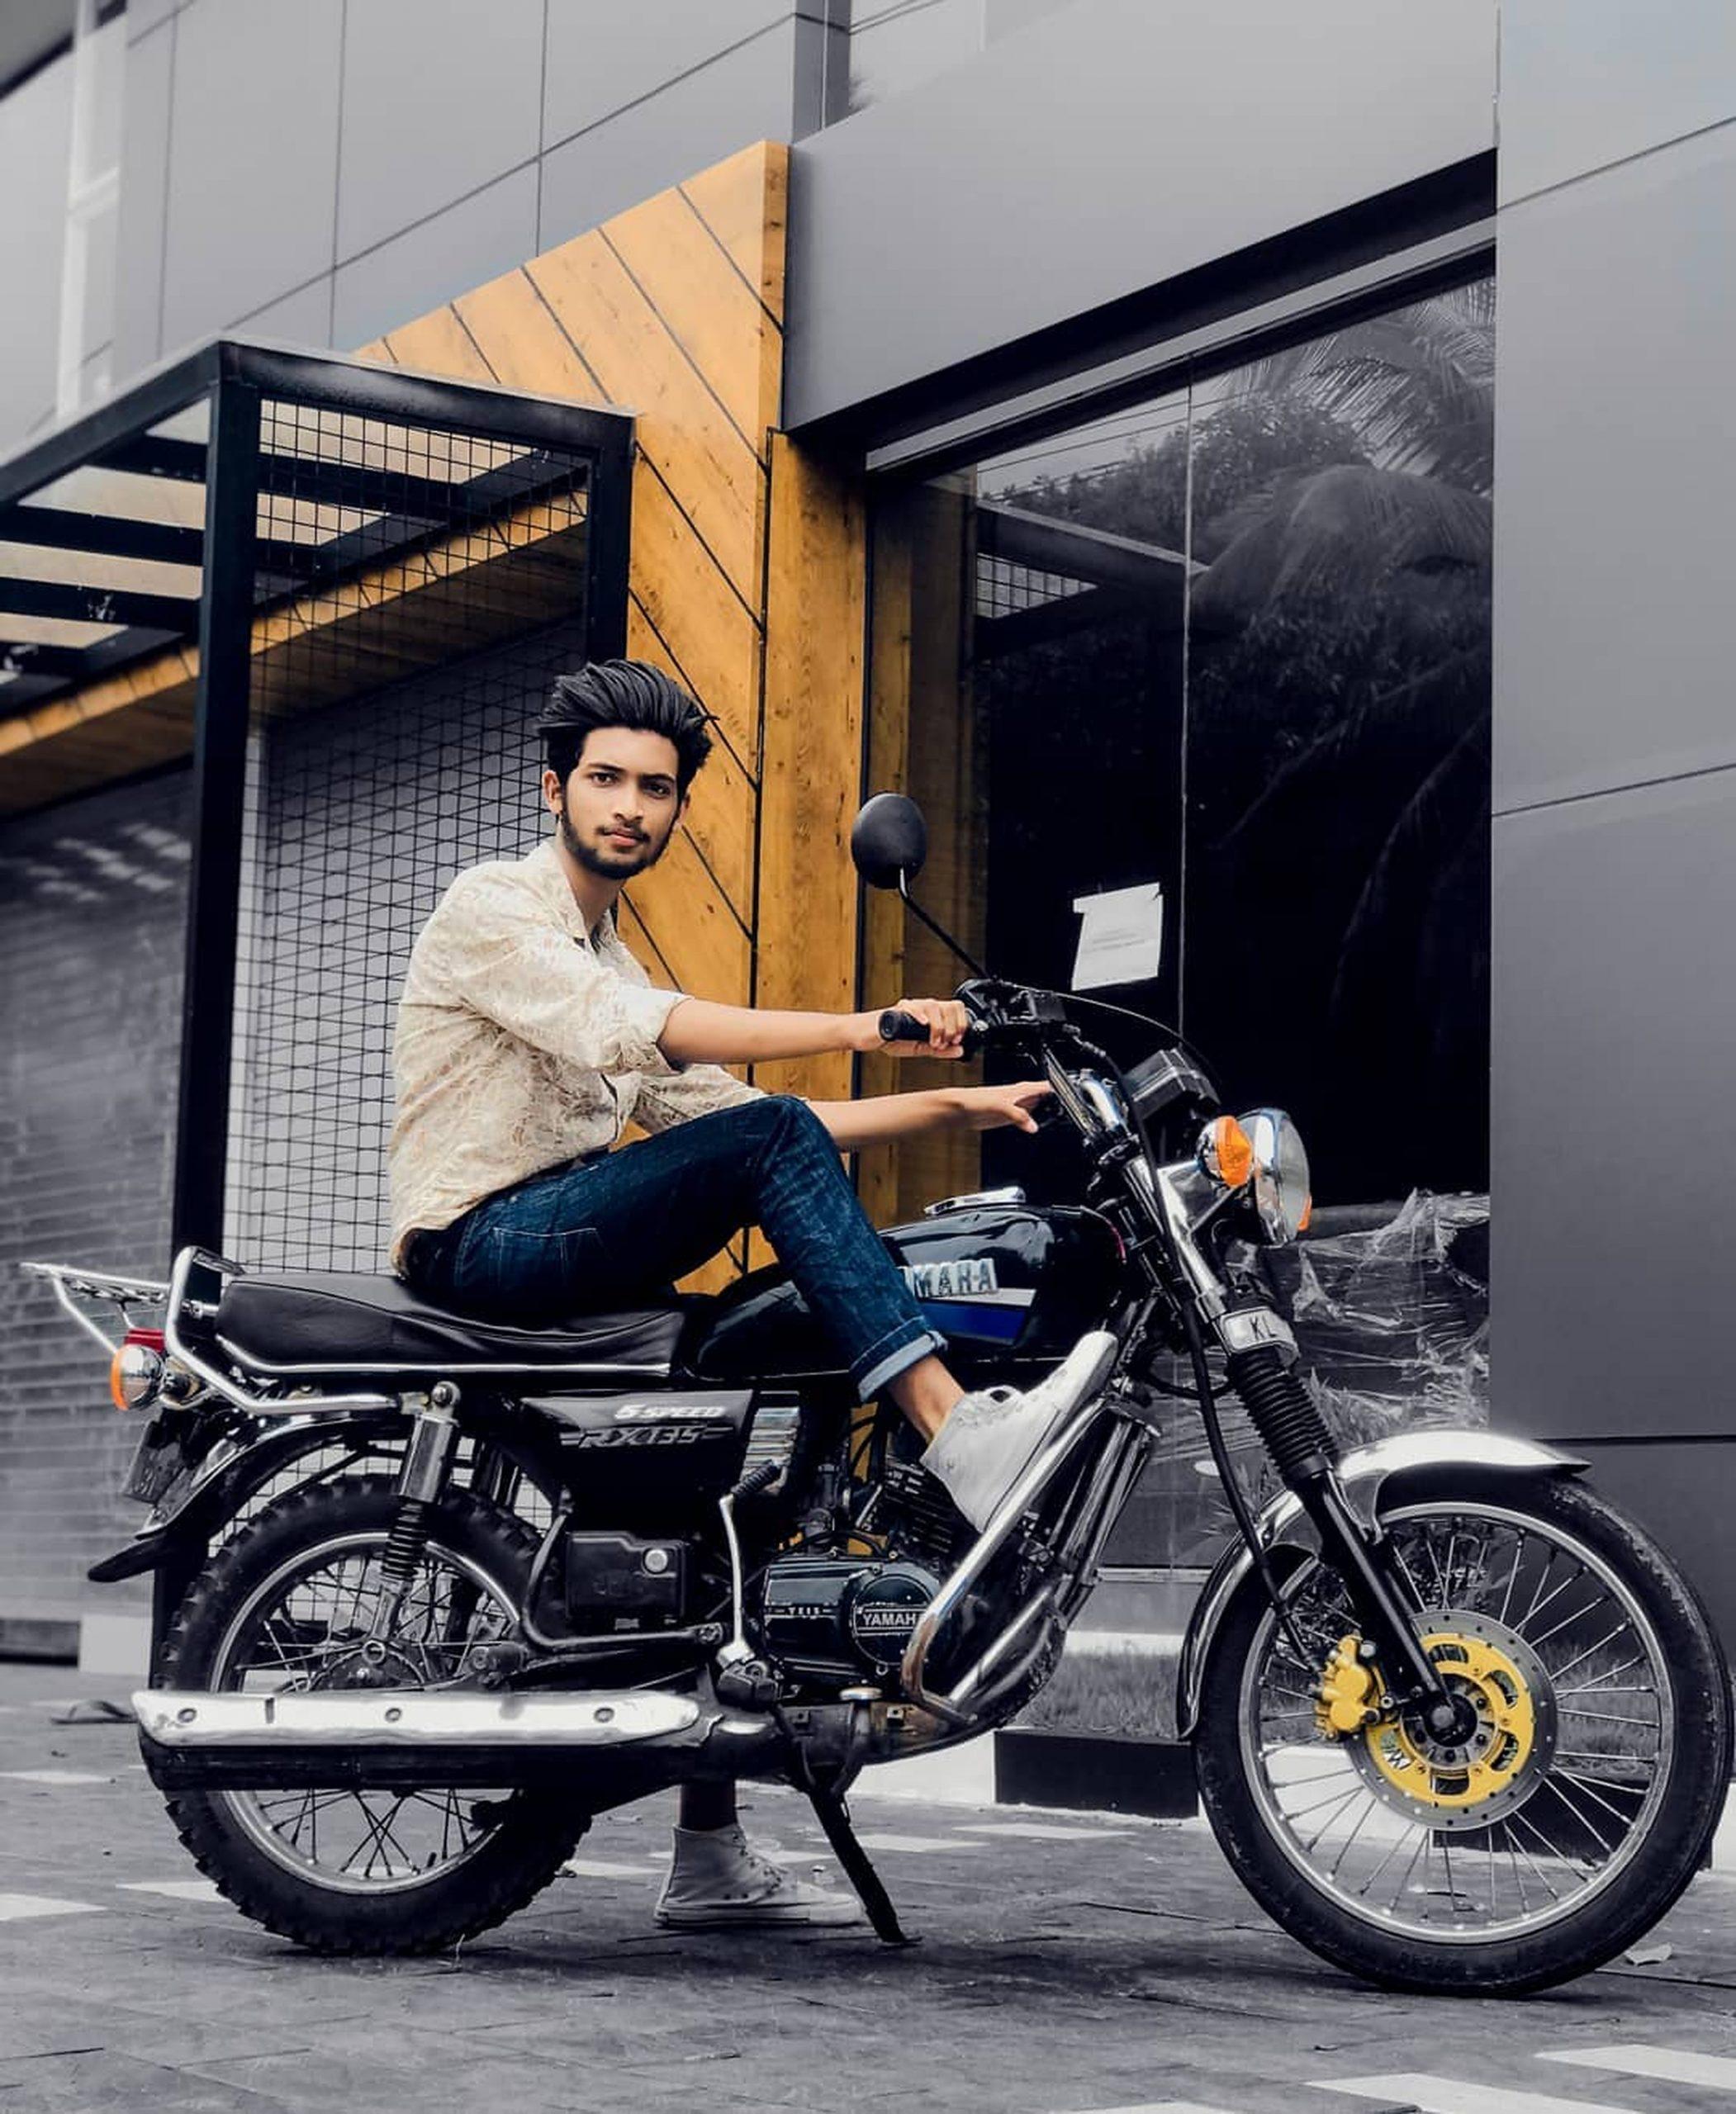 A boy sitting on a bike